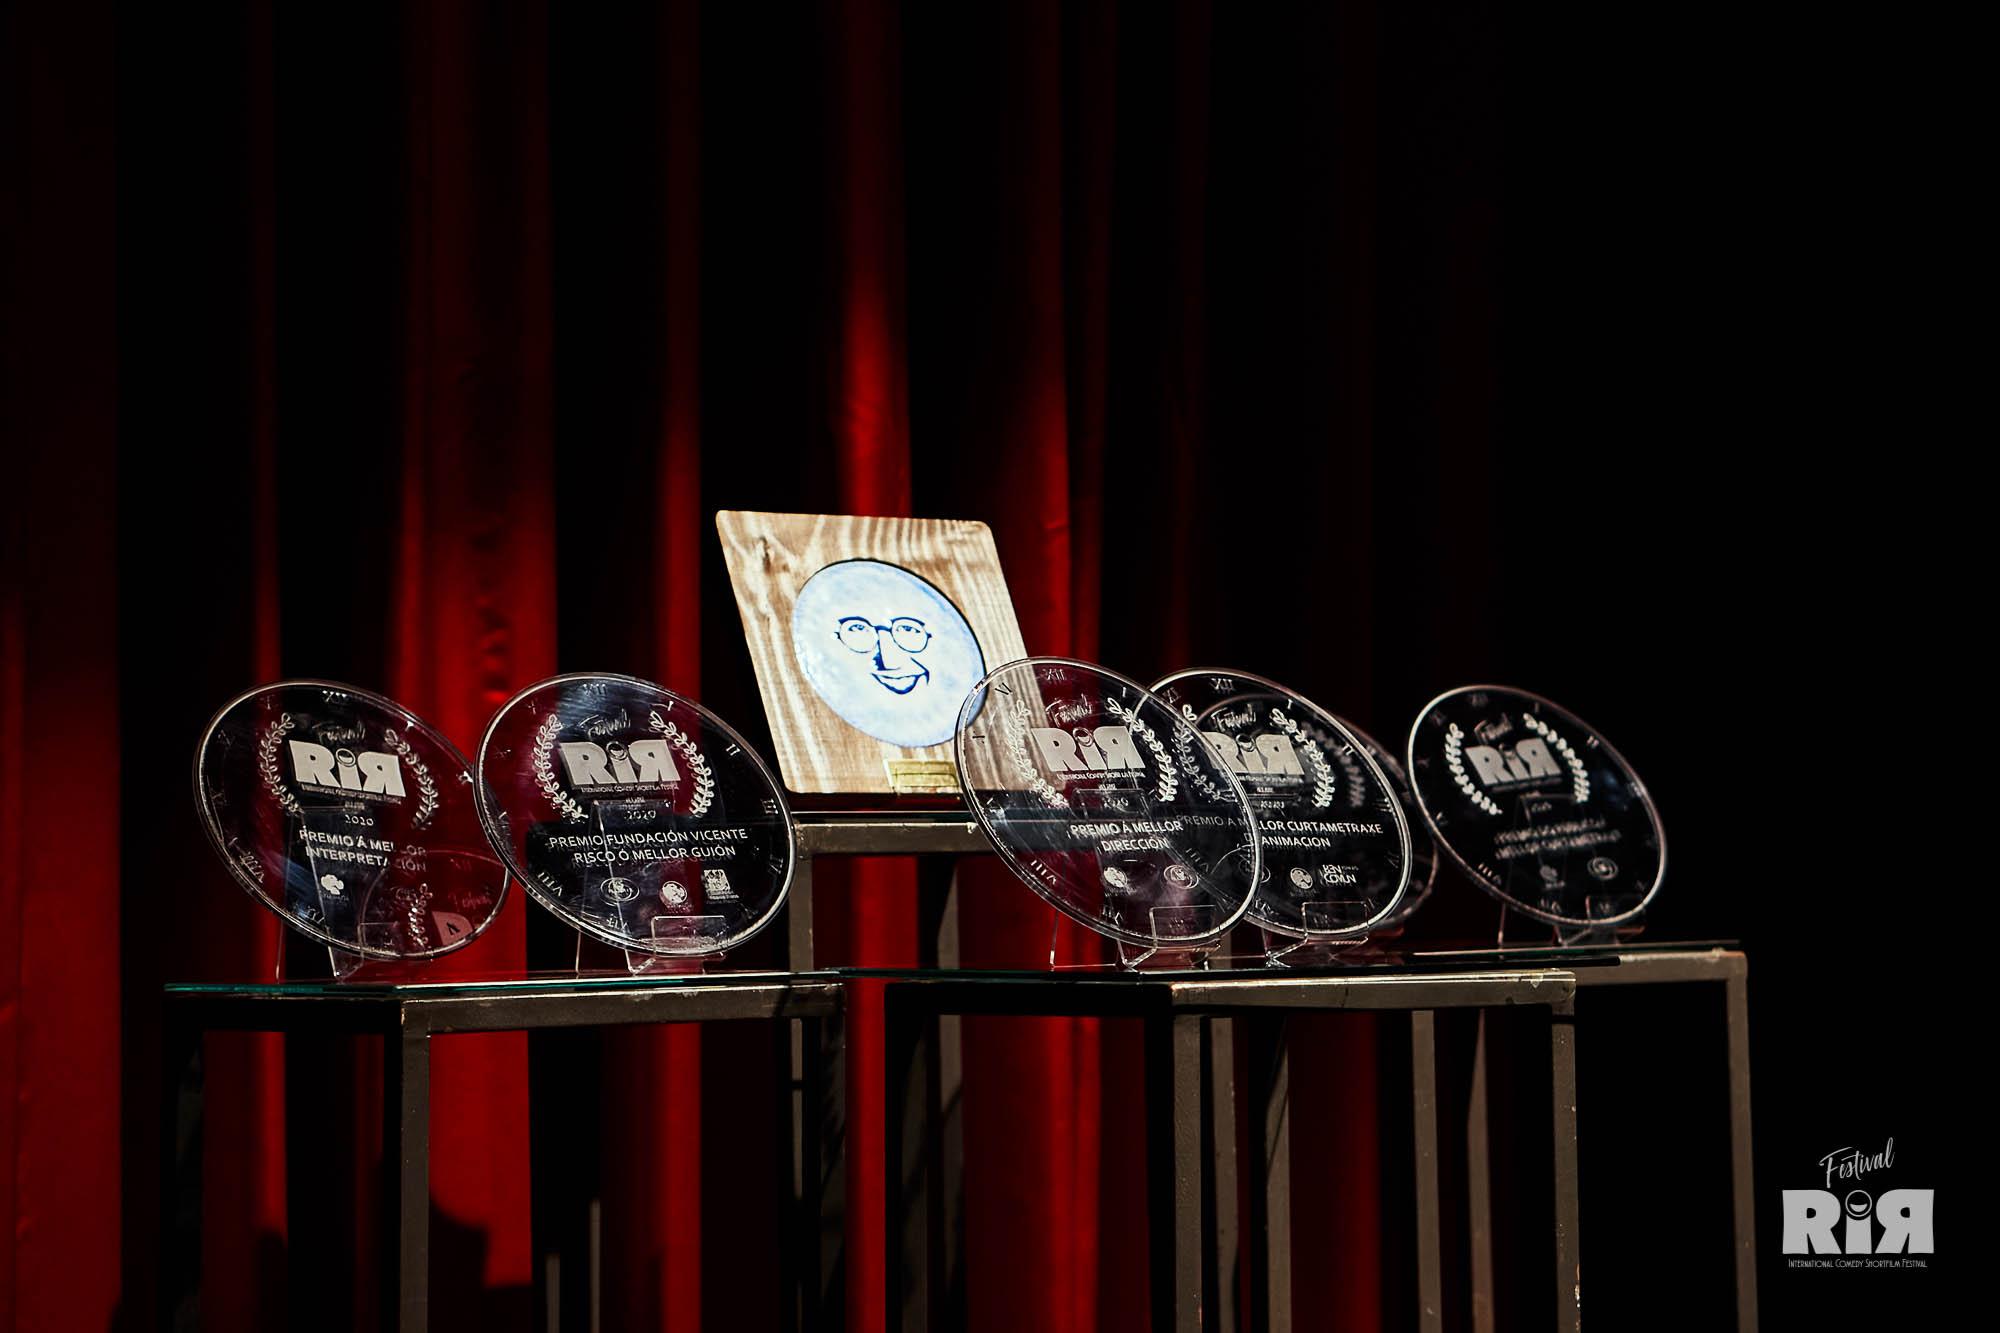 Premios Festival RiR